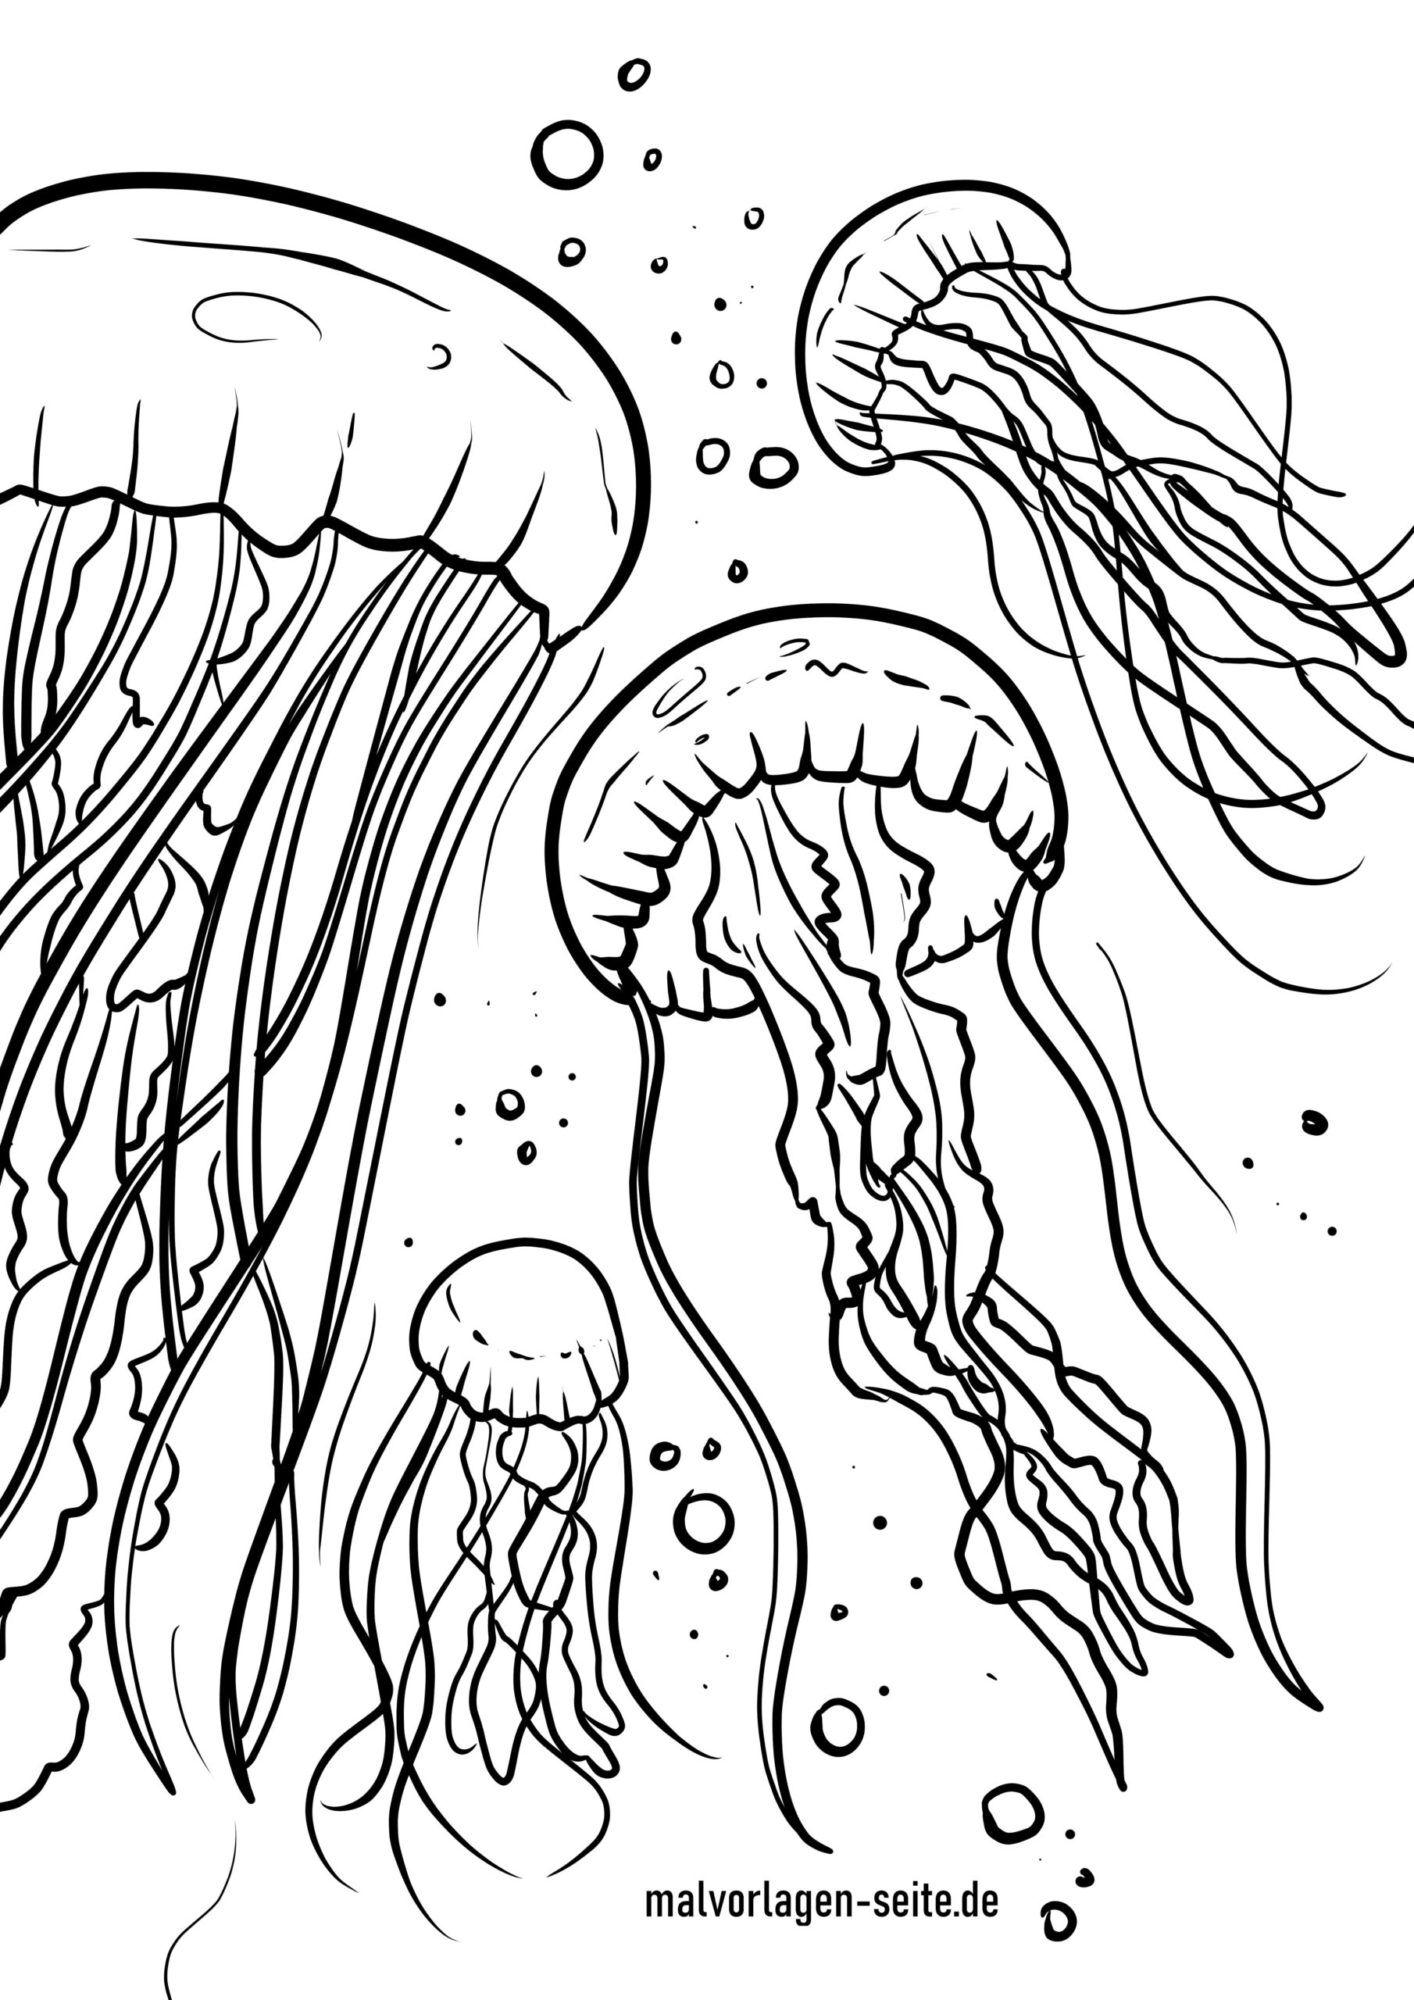 Värityskuva meduusa